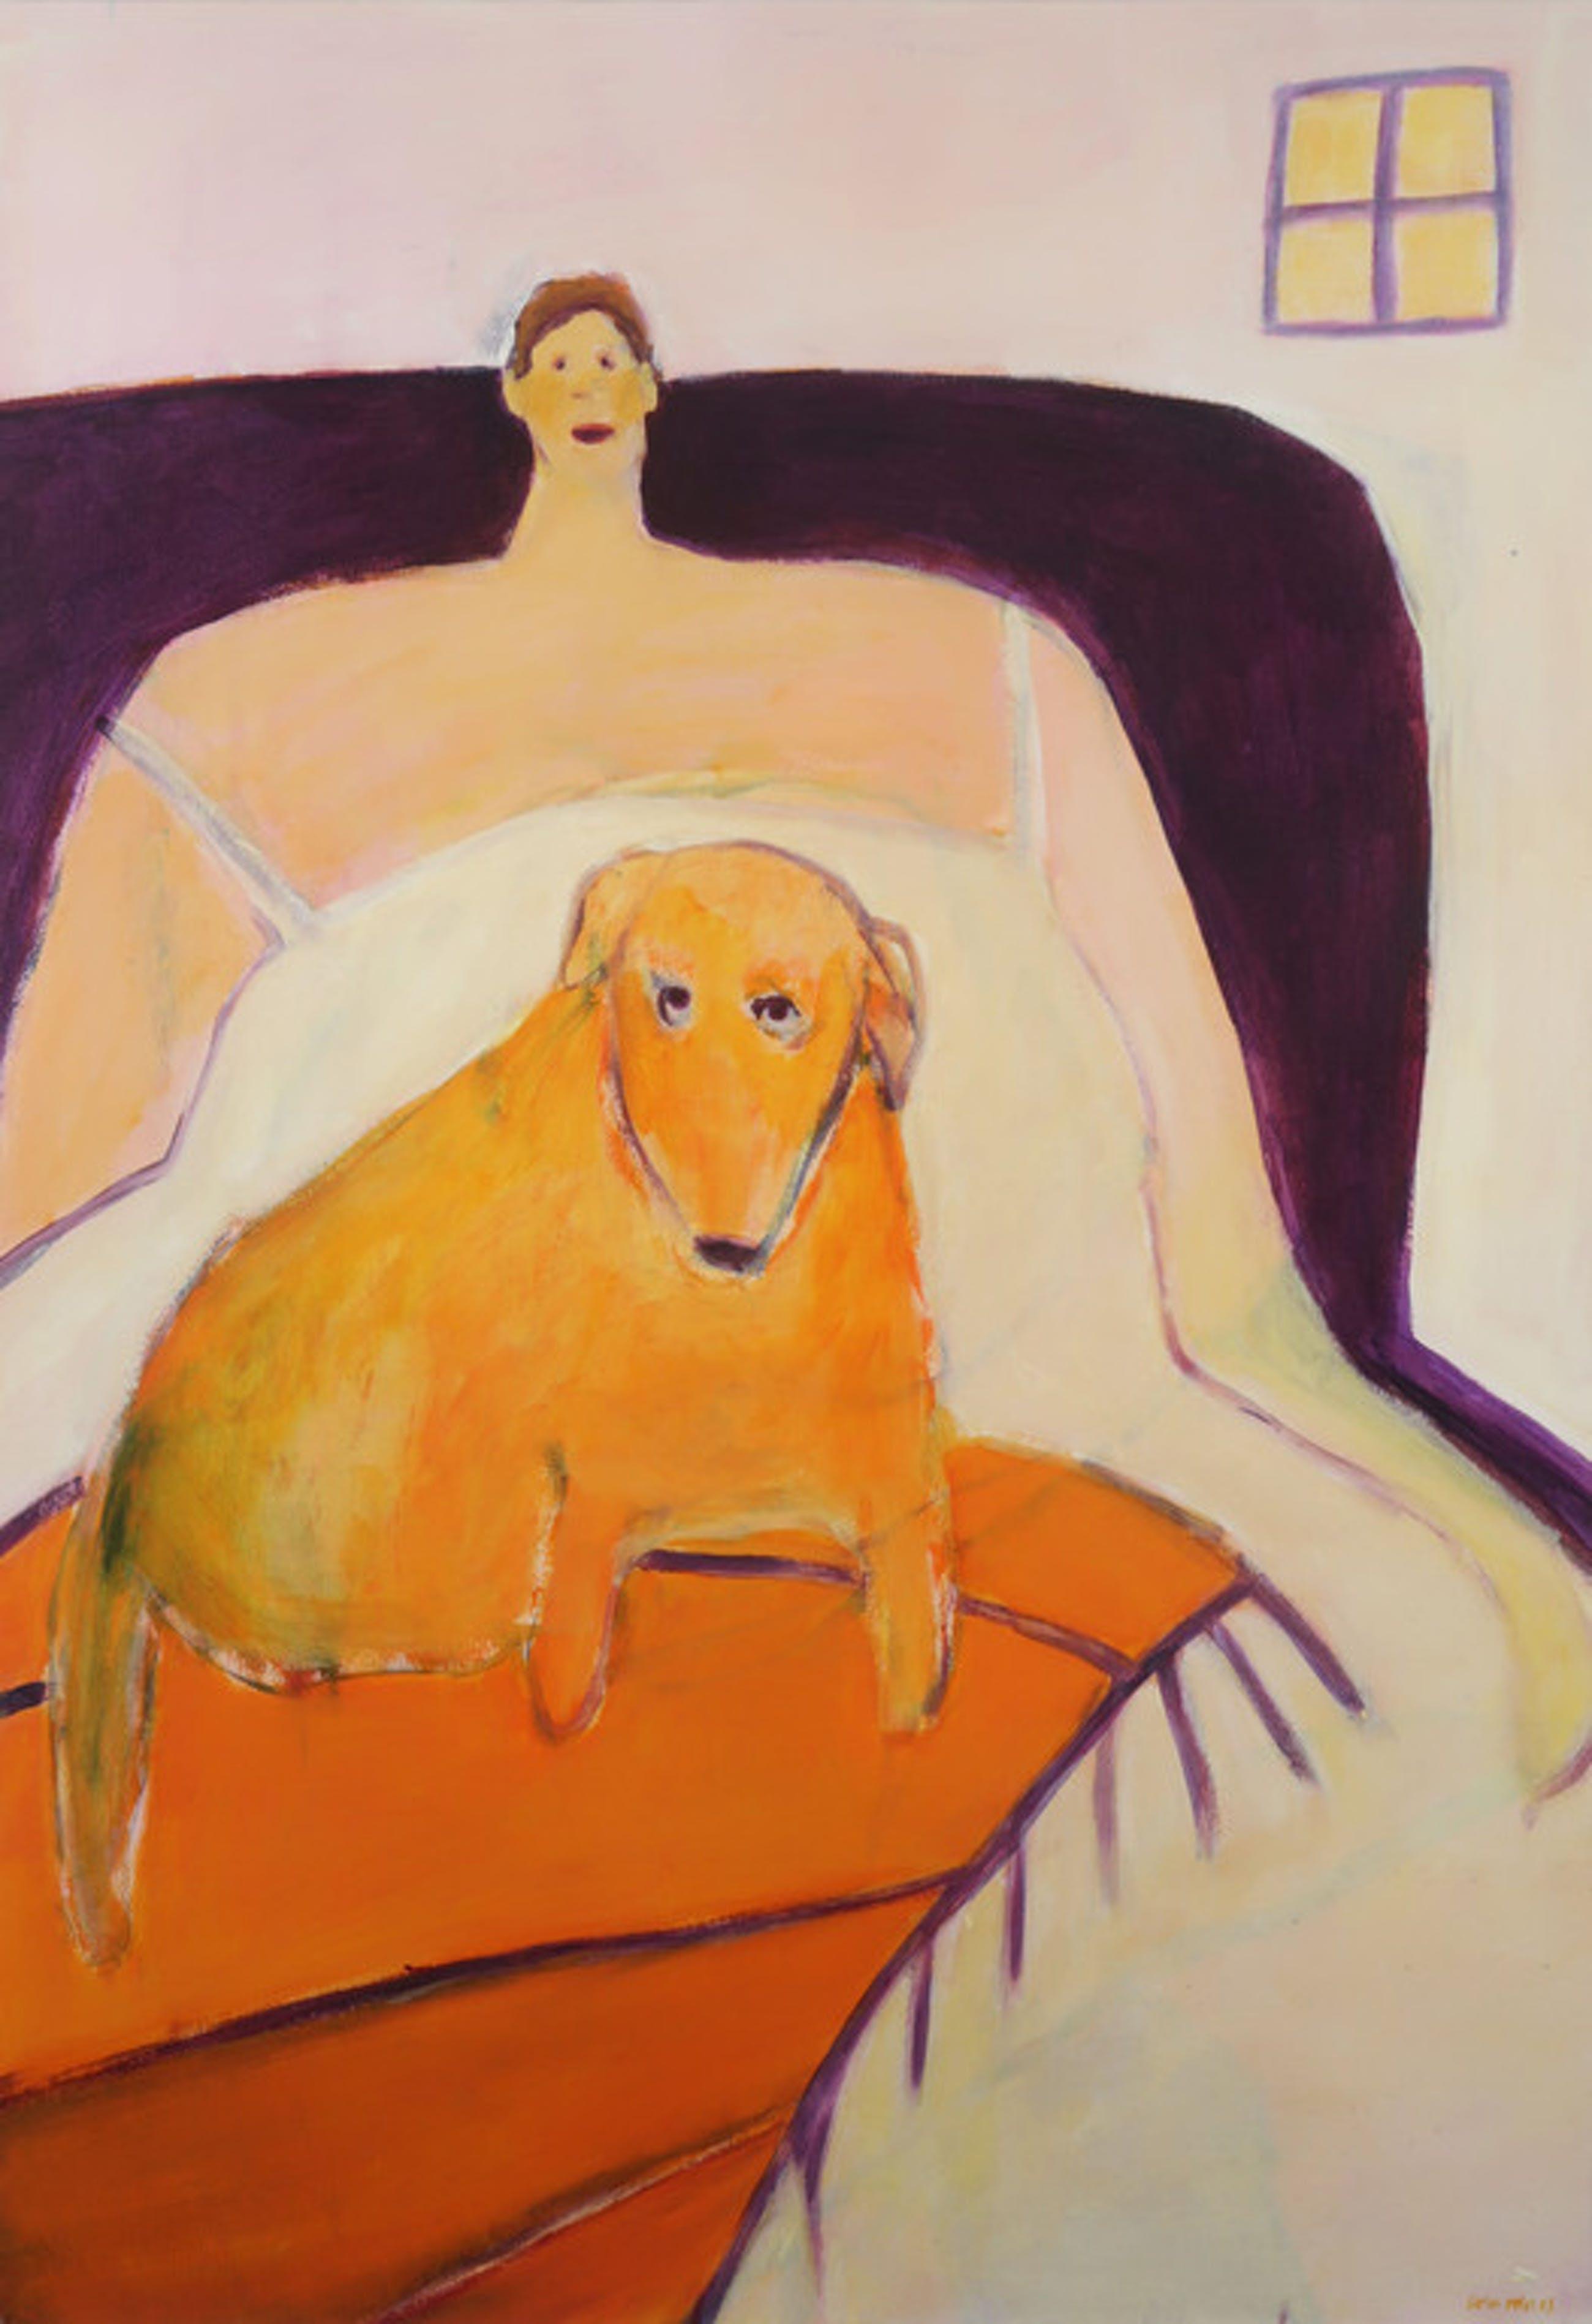 Cora Vries: Acryl op papier, Oranje hond - Ingelijst (Groot!) kopen? Bied vanaf 70!